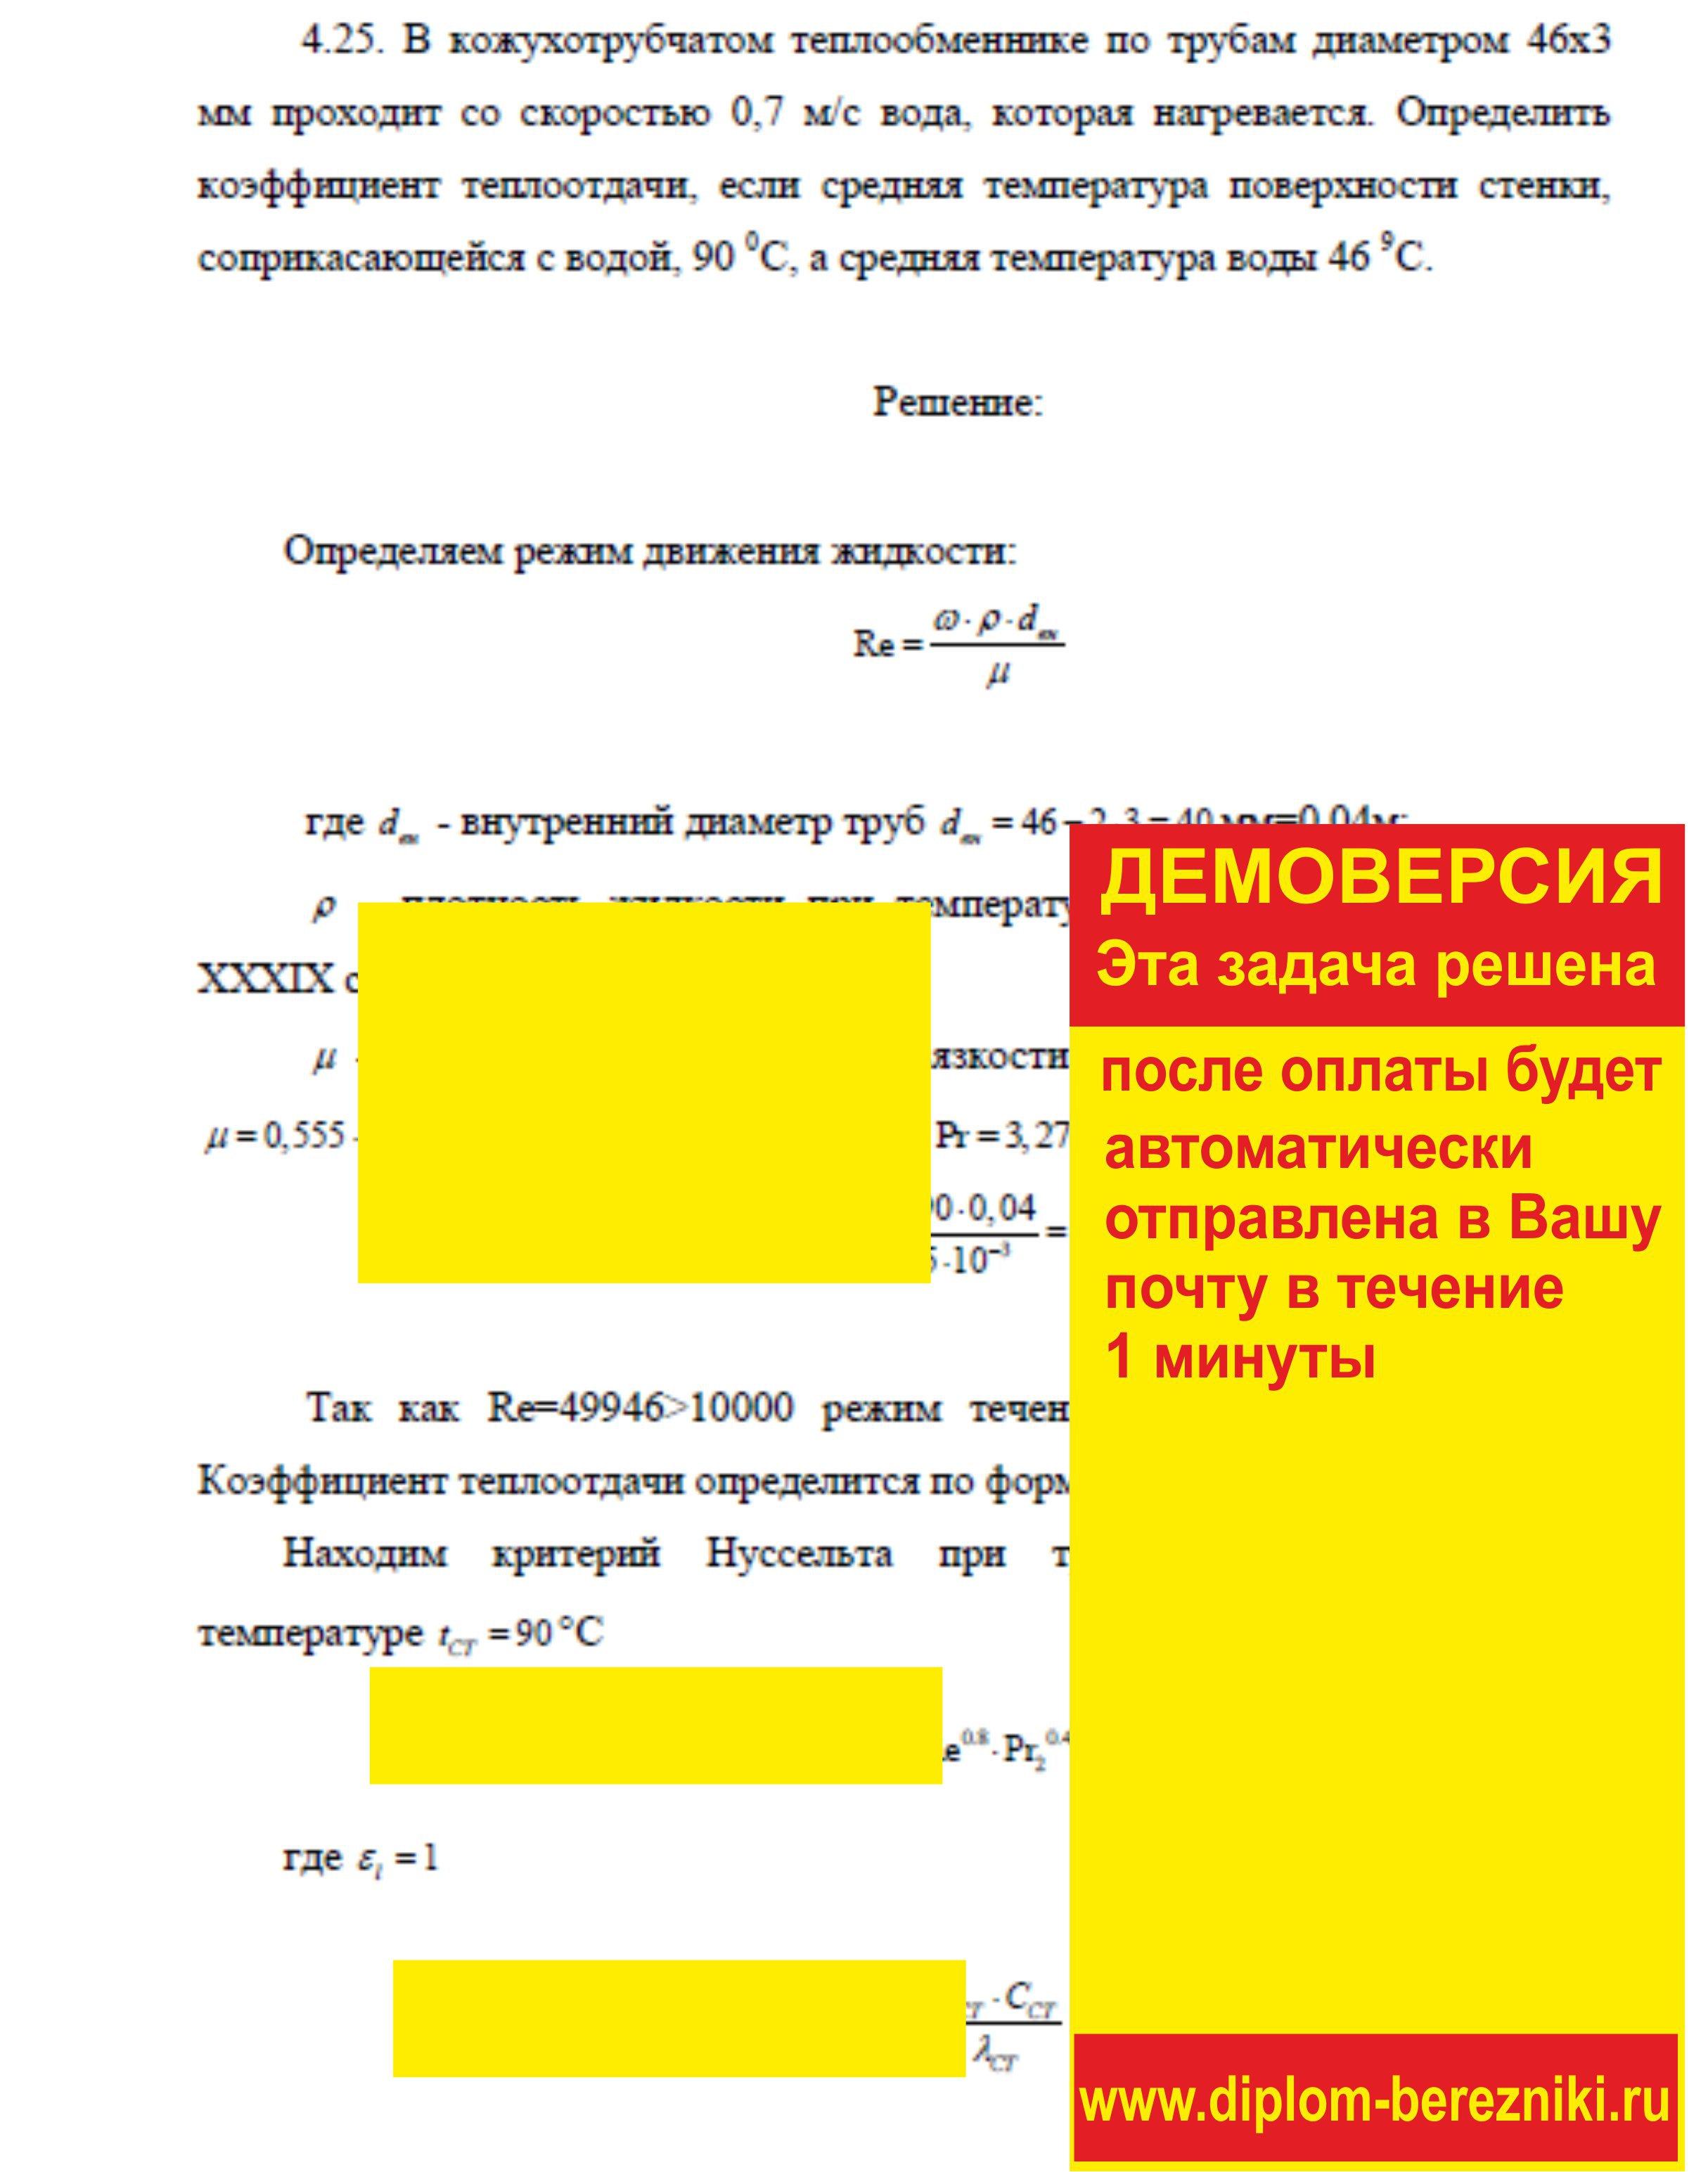 Решение задачи 4.25 по ПАХТ из задачника Павлова Романкова Носкова